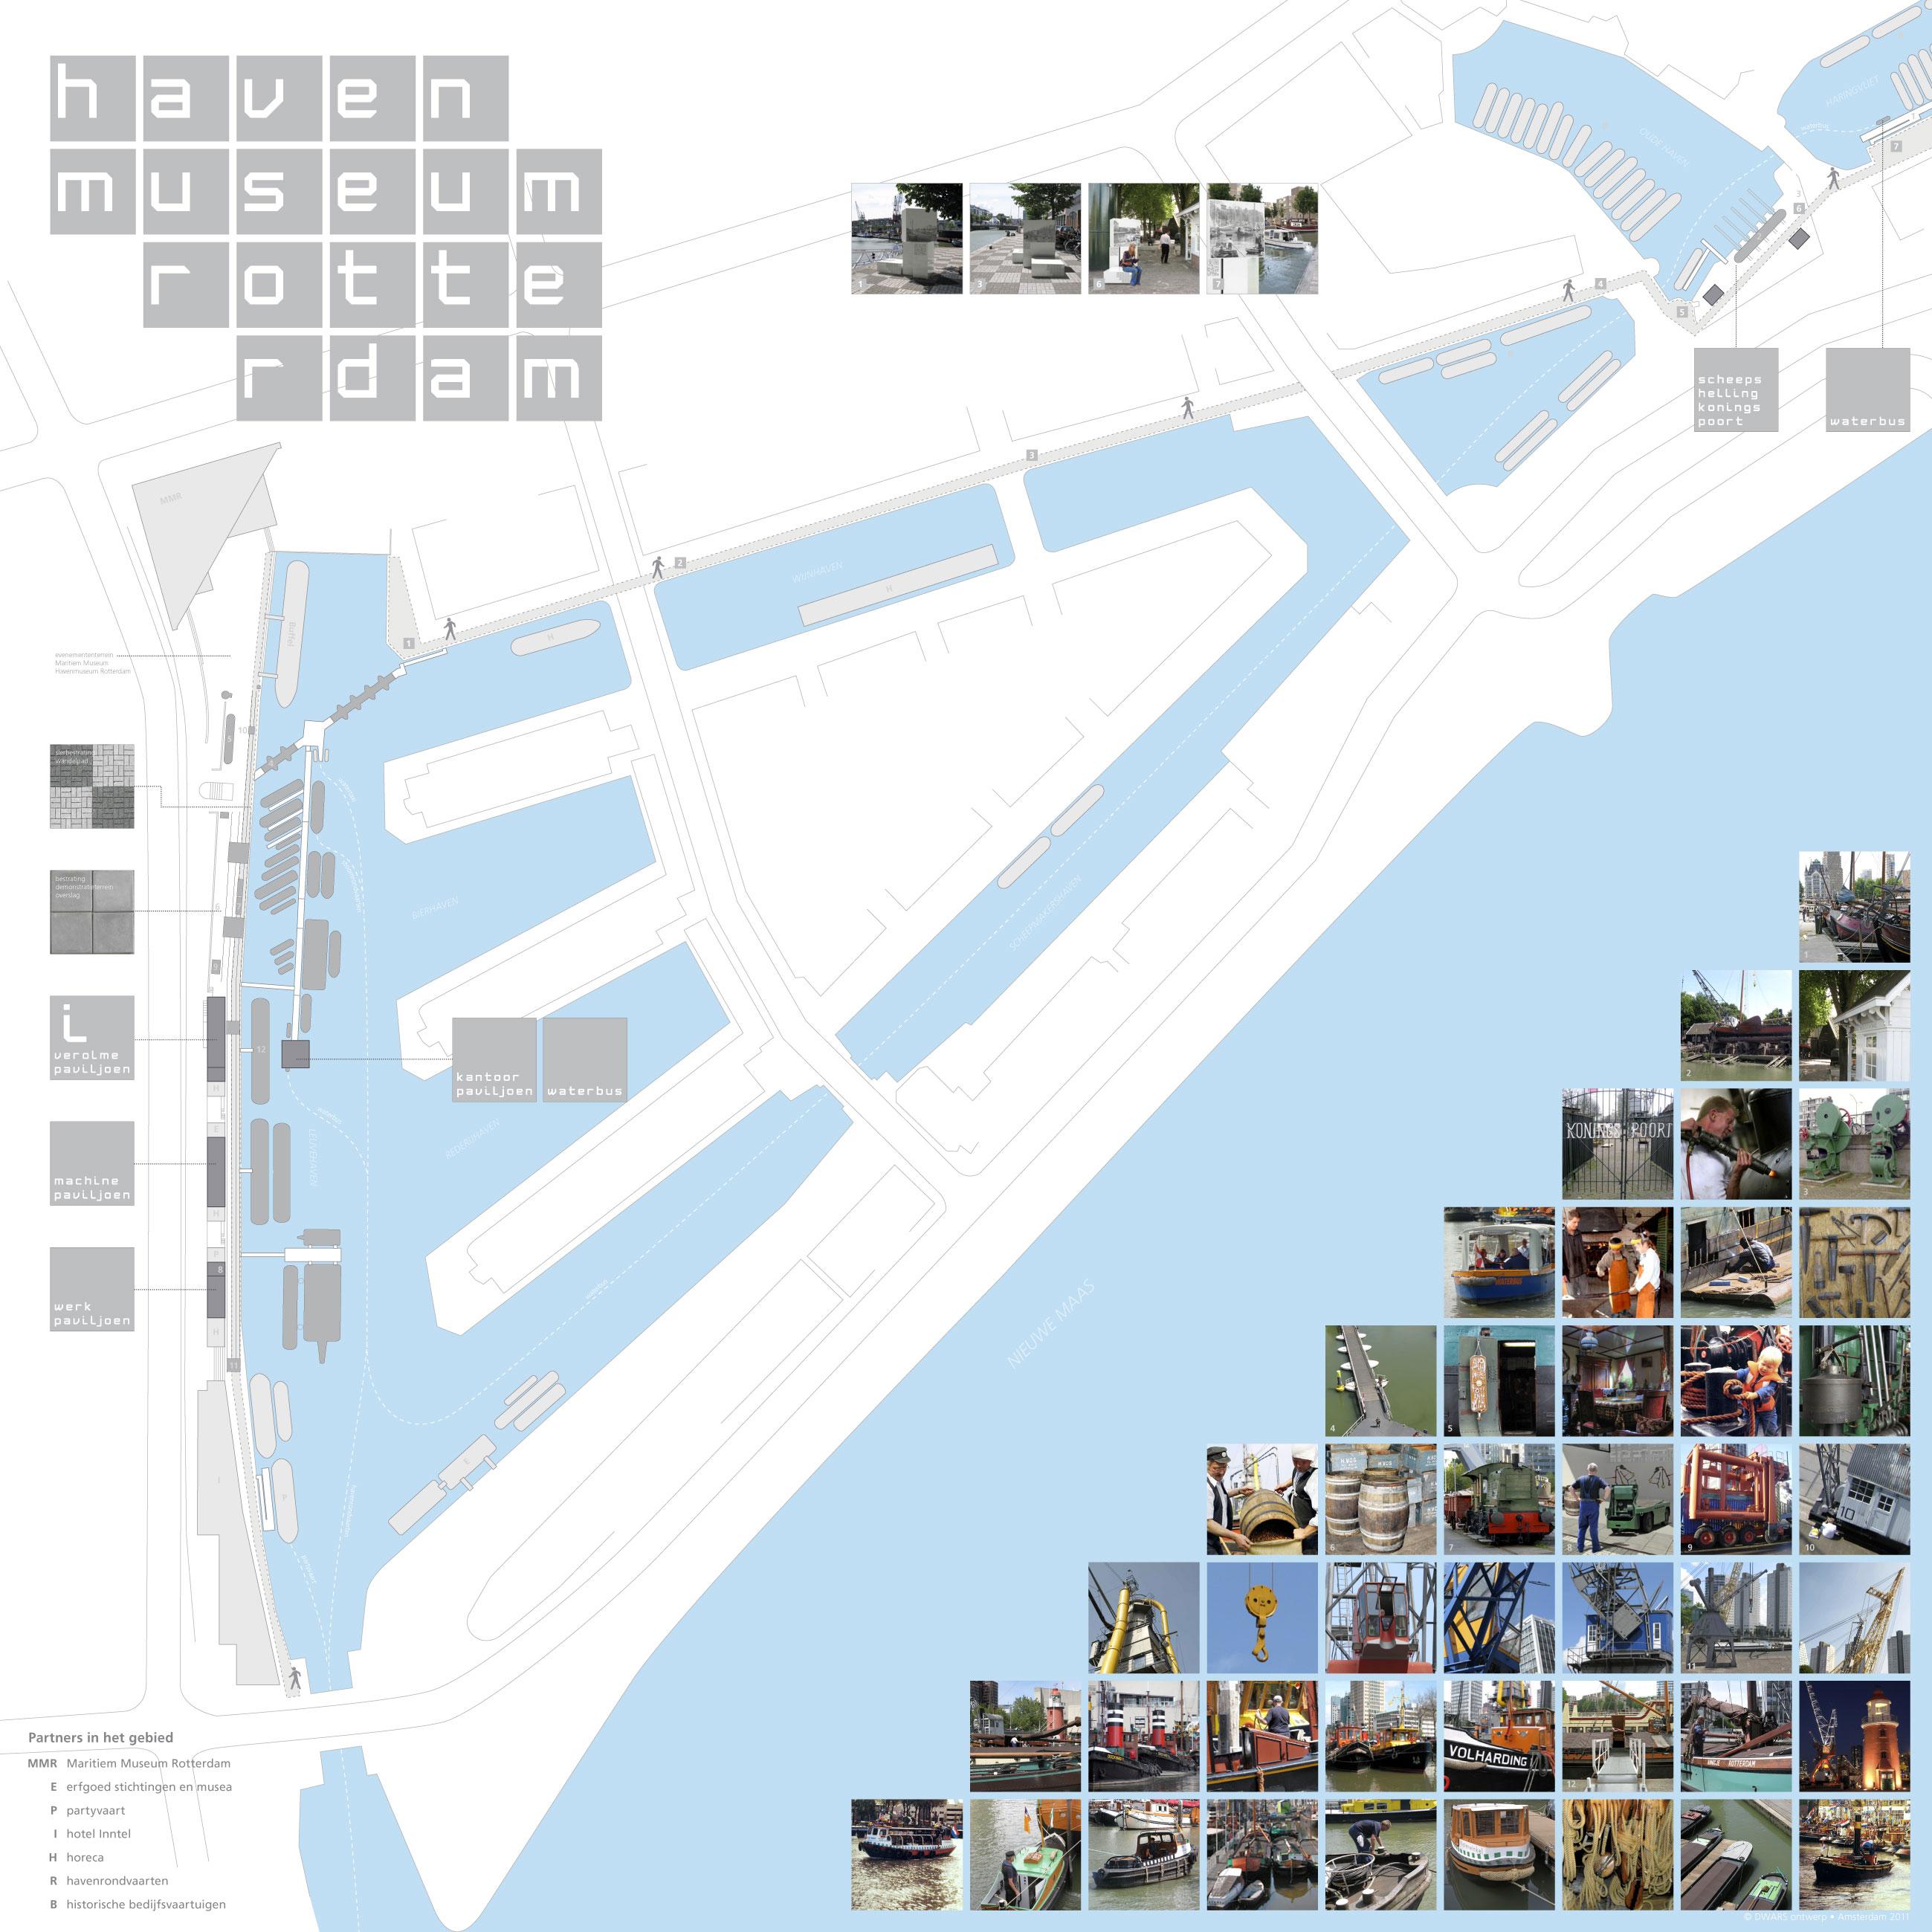 Grafisch ontwerp routekaart buitenruimte en de tentoonstelling van de maritieme collectie aan de Leuvehaven in Rotterdam.